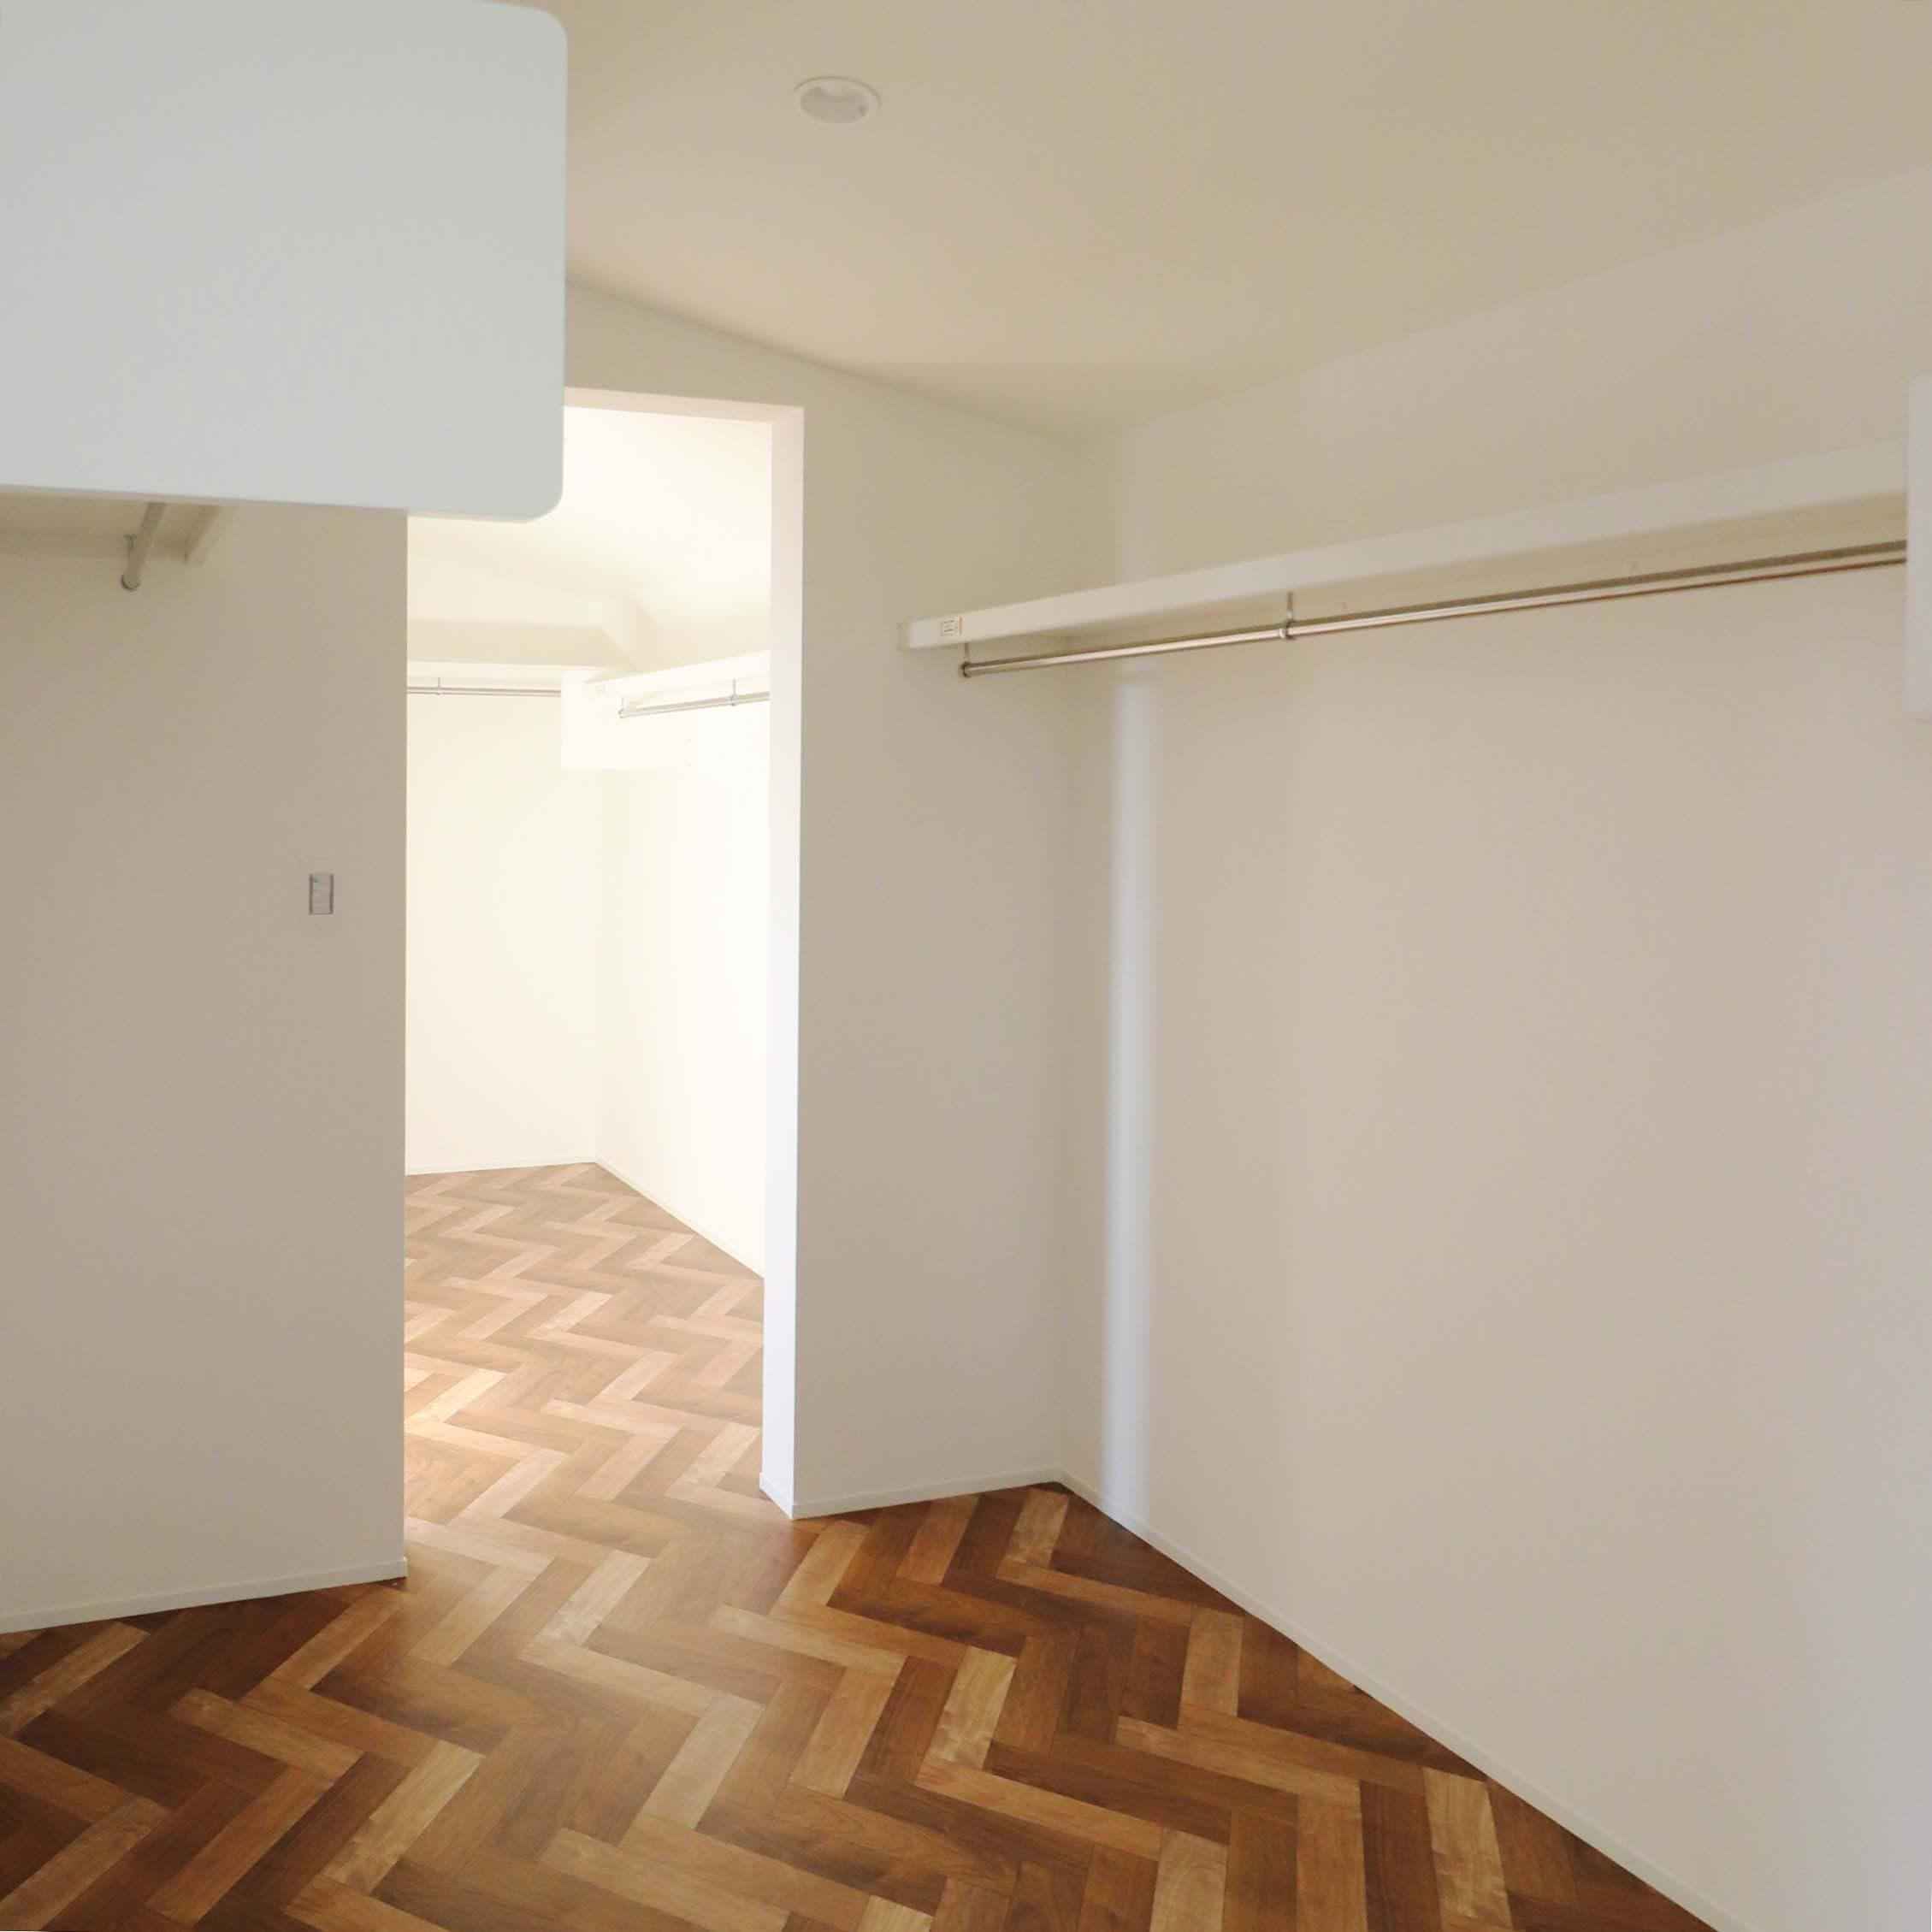 シンプルモダンな注文住宅の完成見学会のウォークインクローゼット